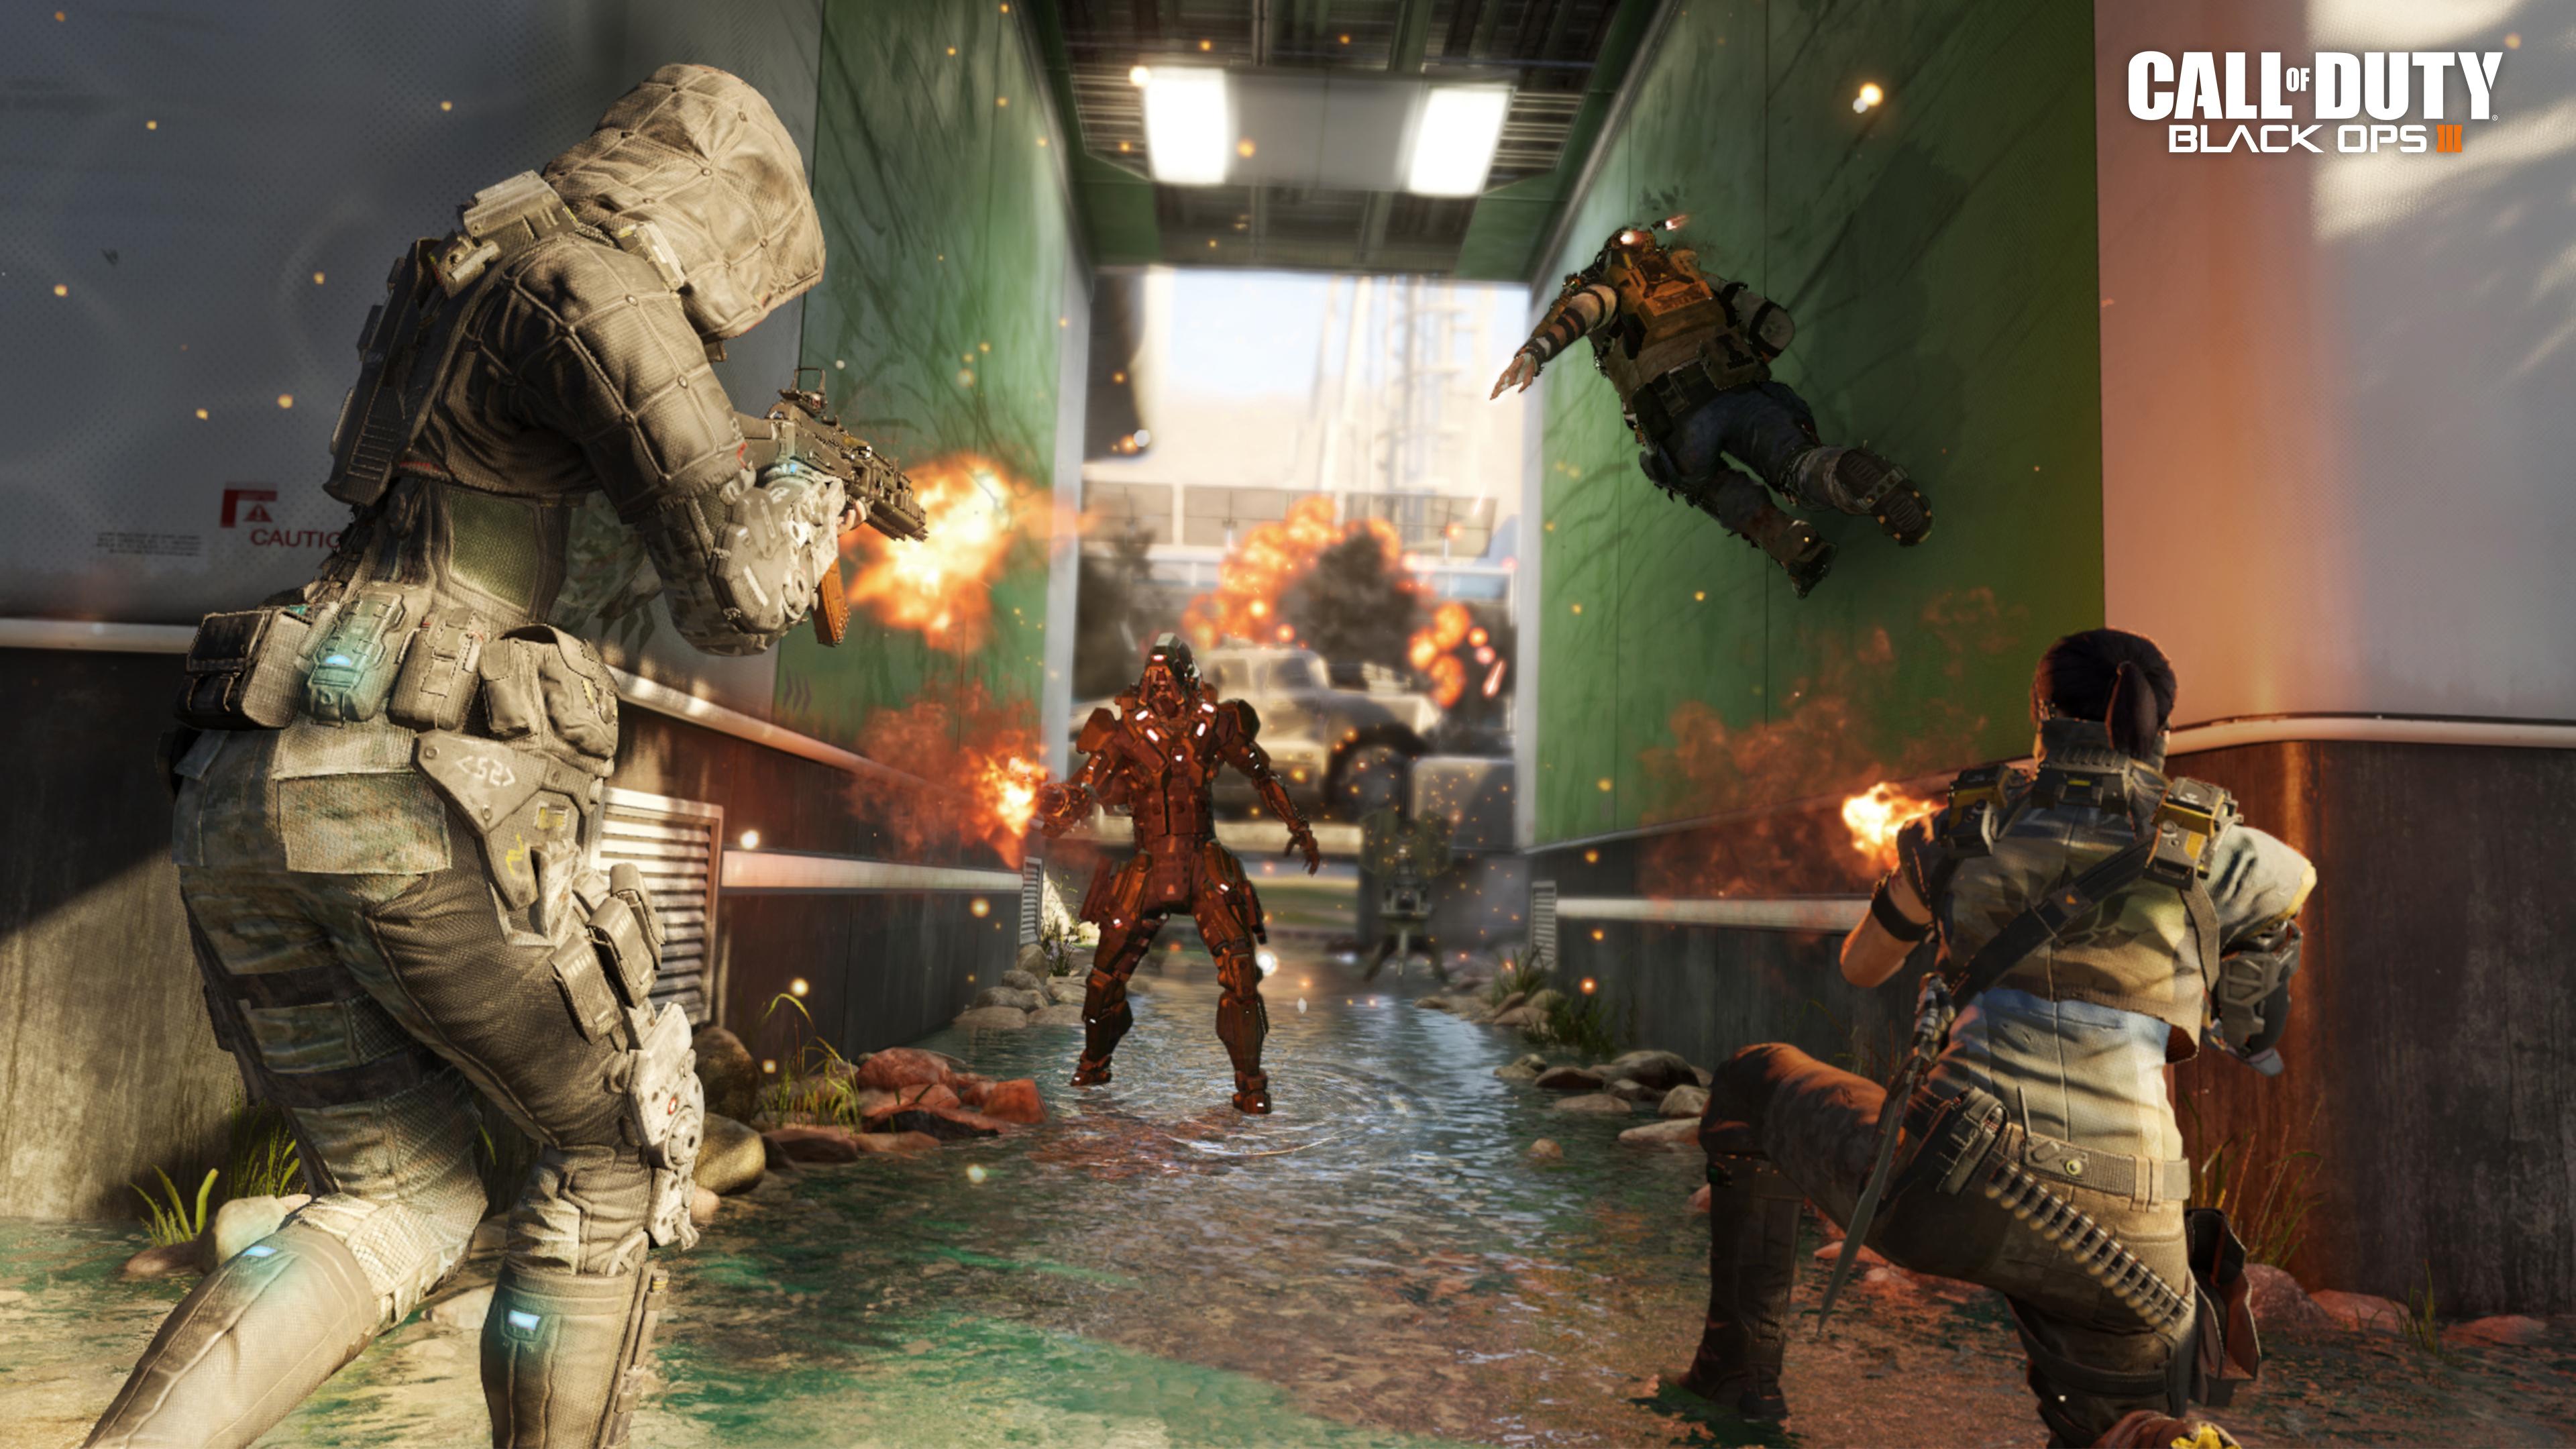 I dag lanseres Black Ops 3.